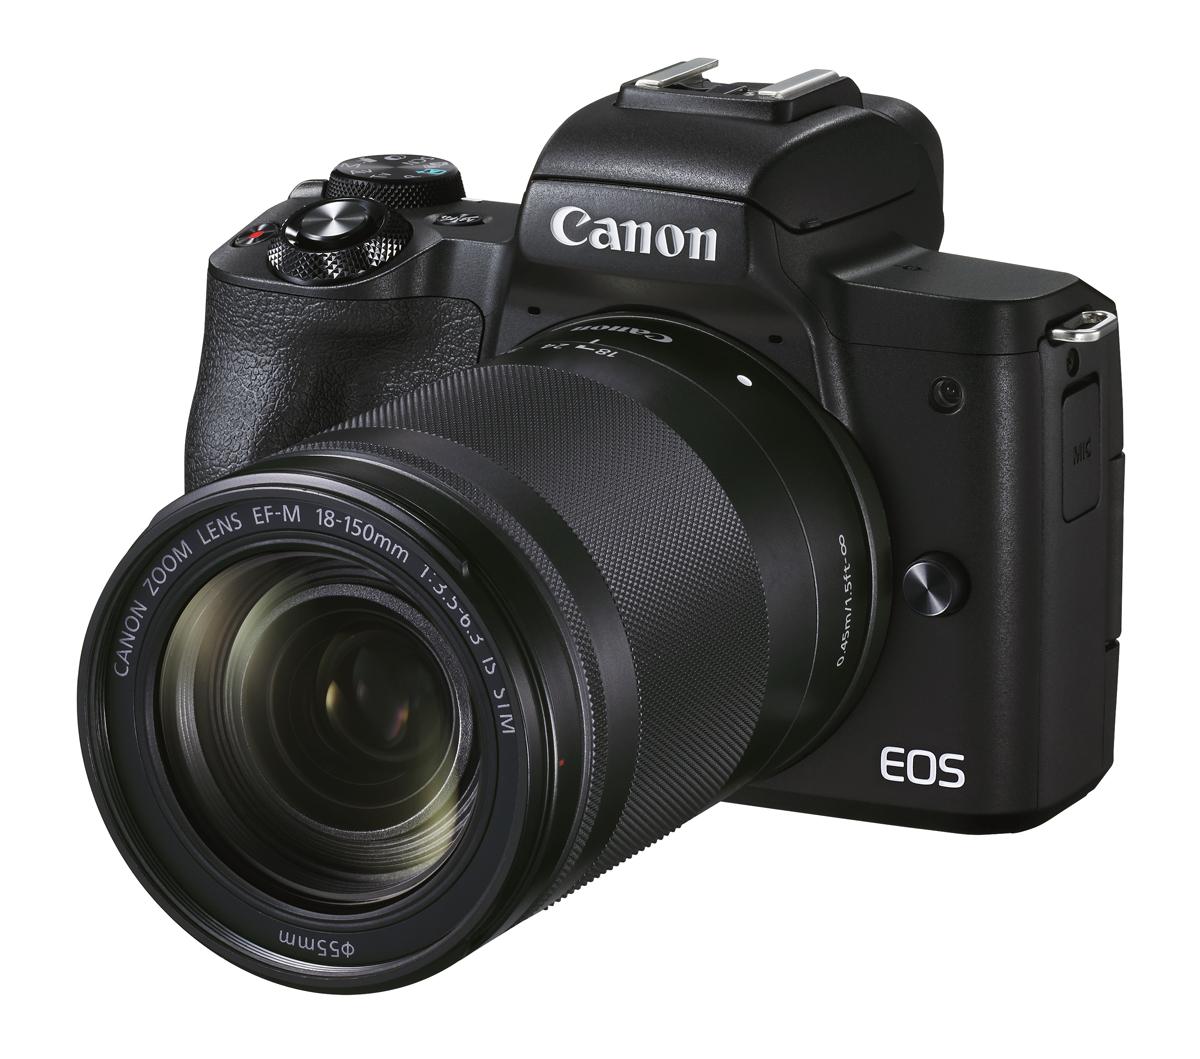 Canon EOS M50 II schwarz+EF-M 18-150 mm IS STM Kamerakit H-111163